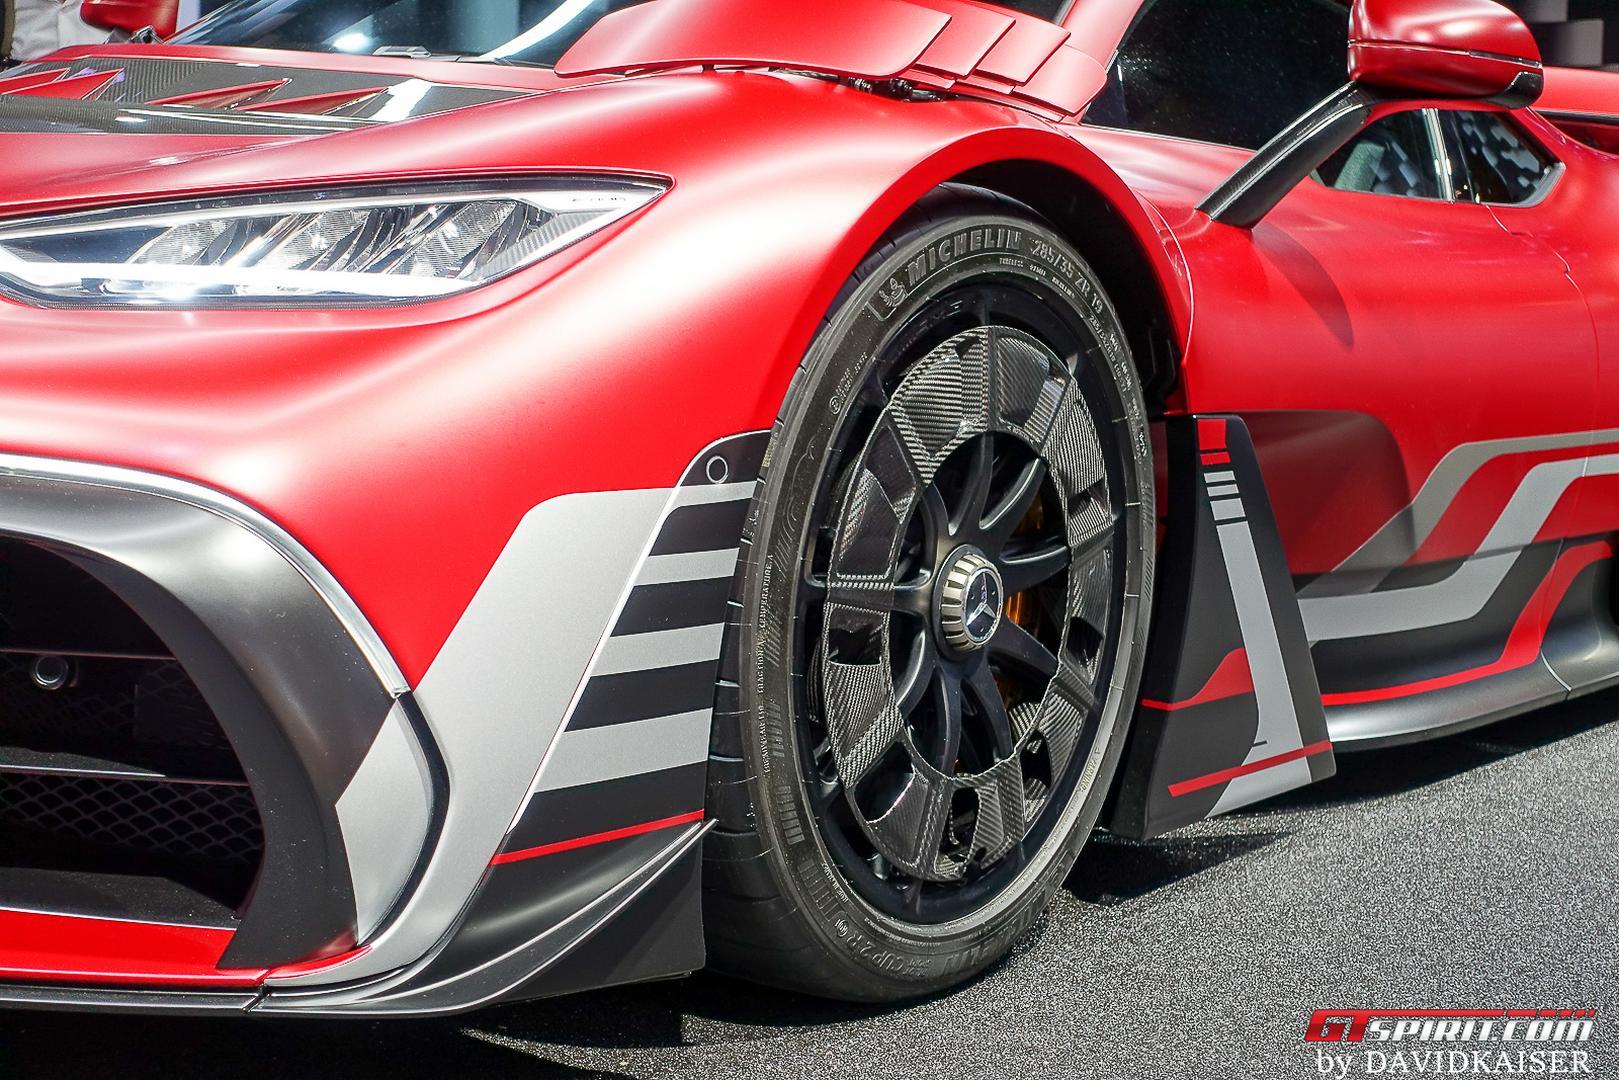 Mercedes-AMG One wheels